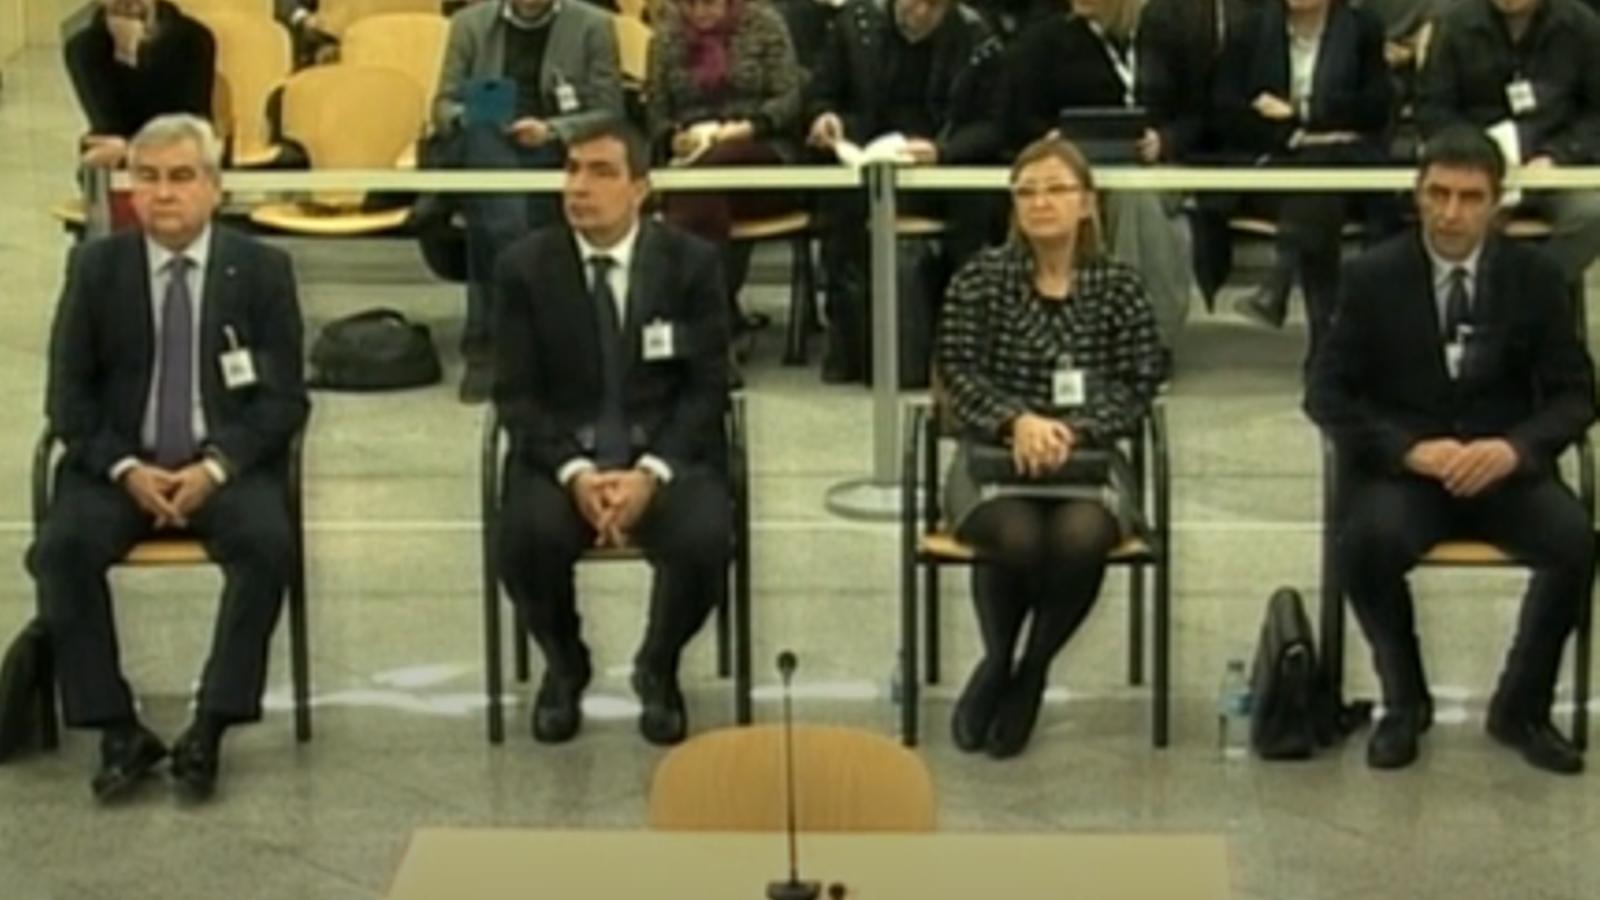 La Audiencia Nacional notifica la absolución de Trapero, Soler, Puig y Laplana